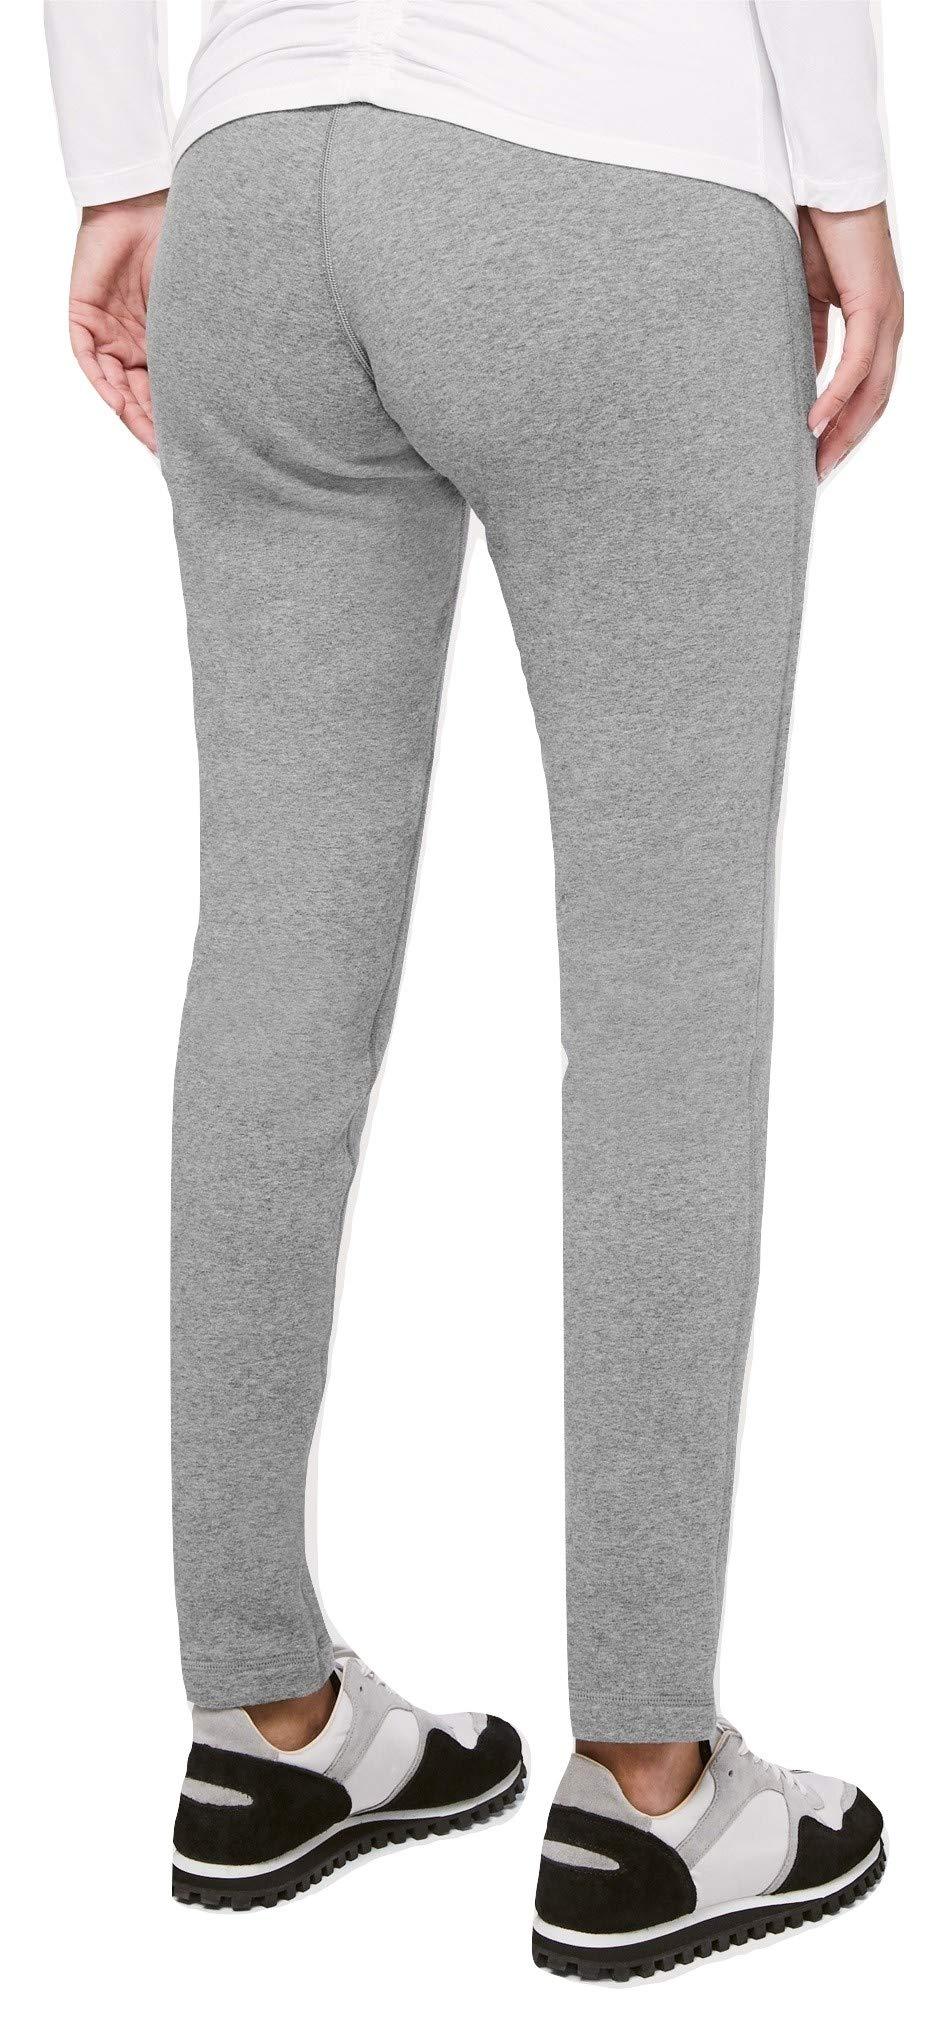 Lululemon Wunder Lounge Pant - HCMG (Heathered Core Medium Grey) (4) by Lululemon (Image #1)